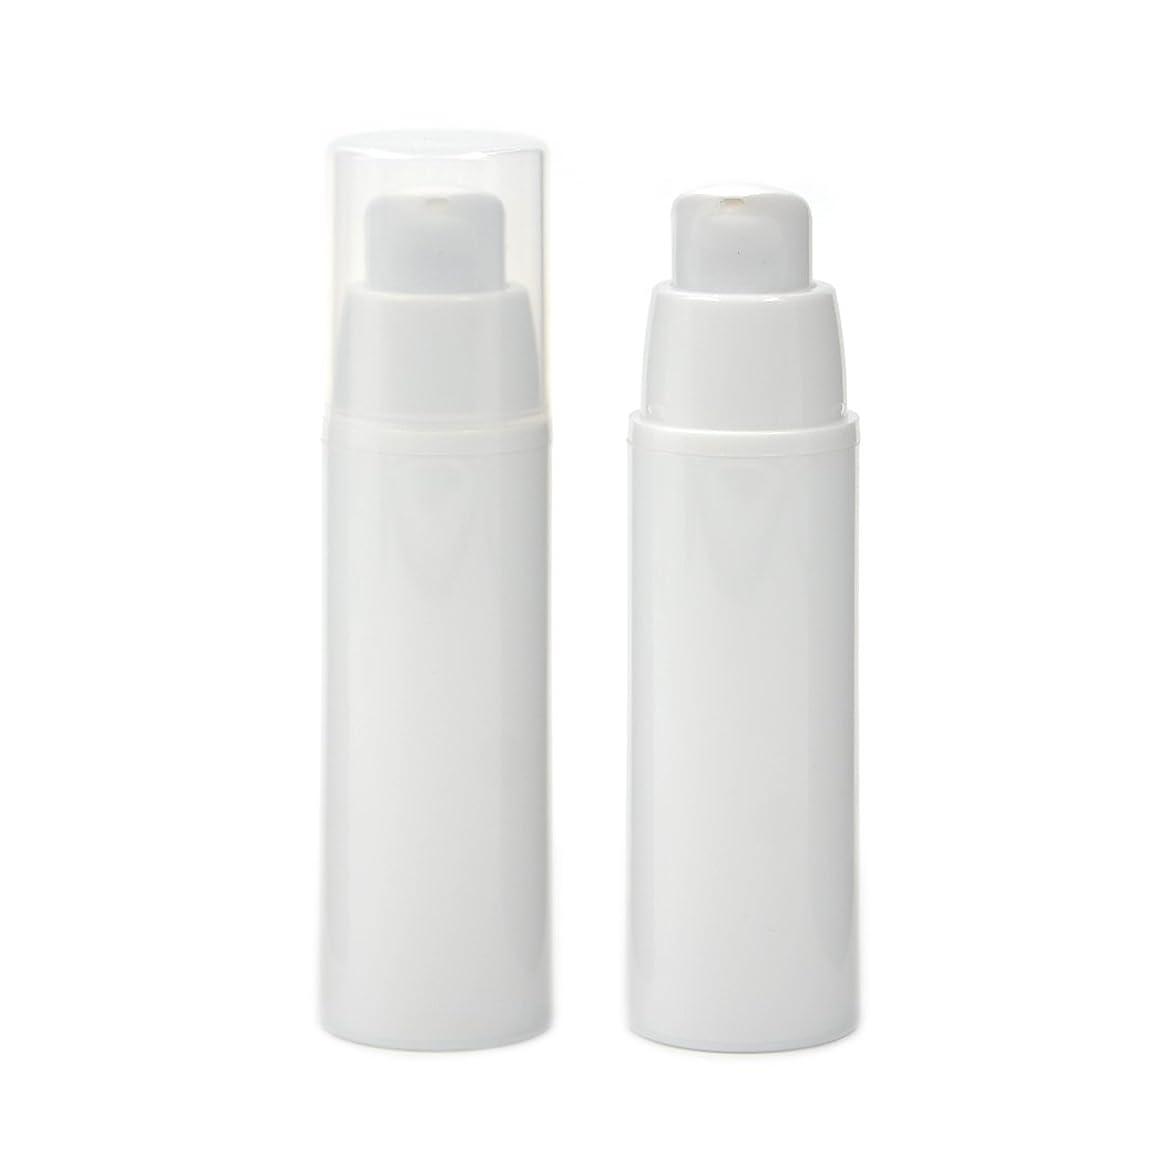 海里トリップスパイAngelakerry エアレス容器 ホワイト 30ml 手作りコスメ 手作り化粧品 詰め替え容器 20本セット [並行輸入品]